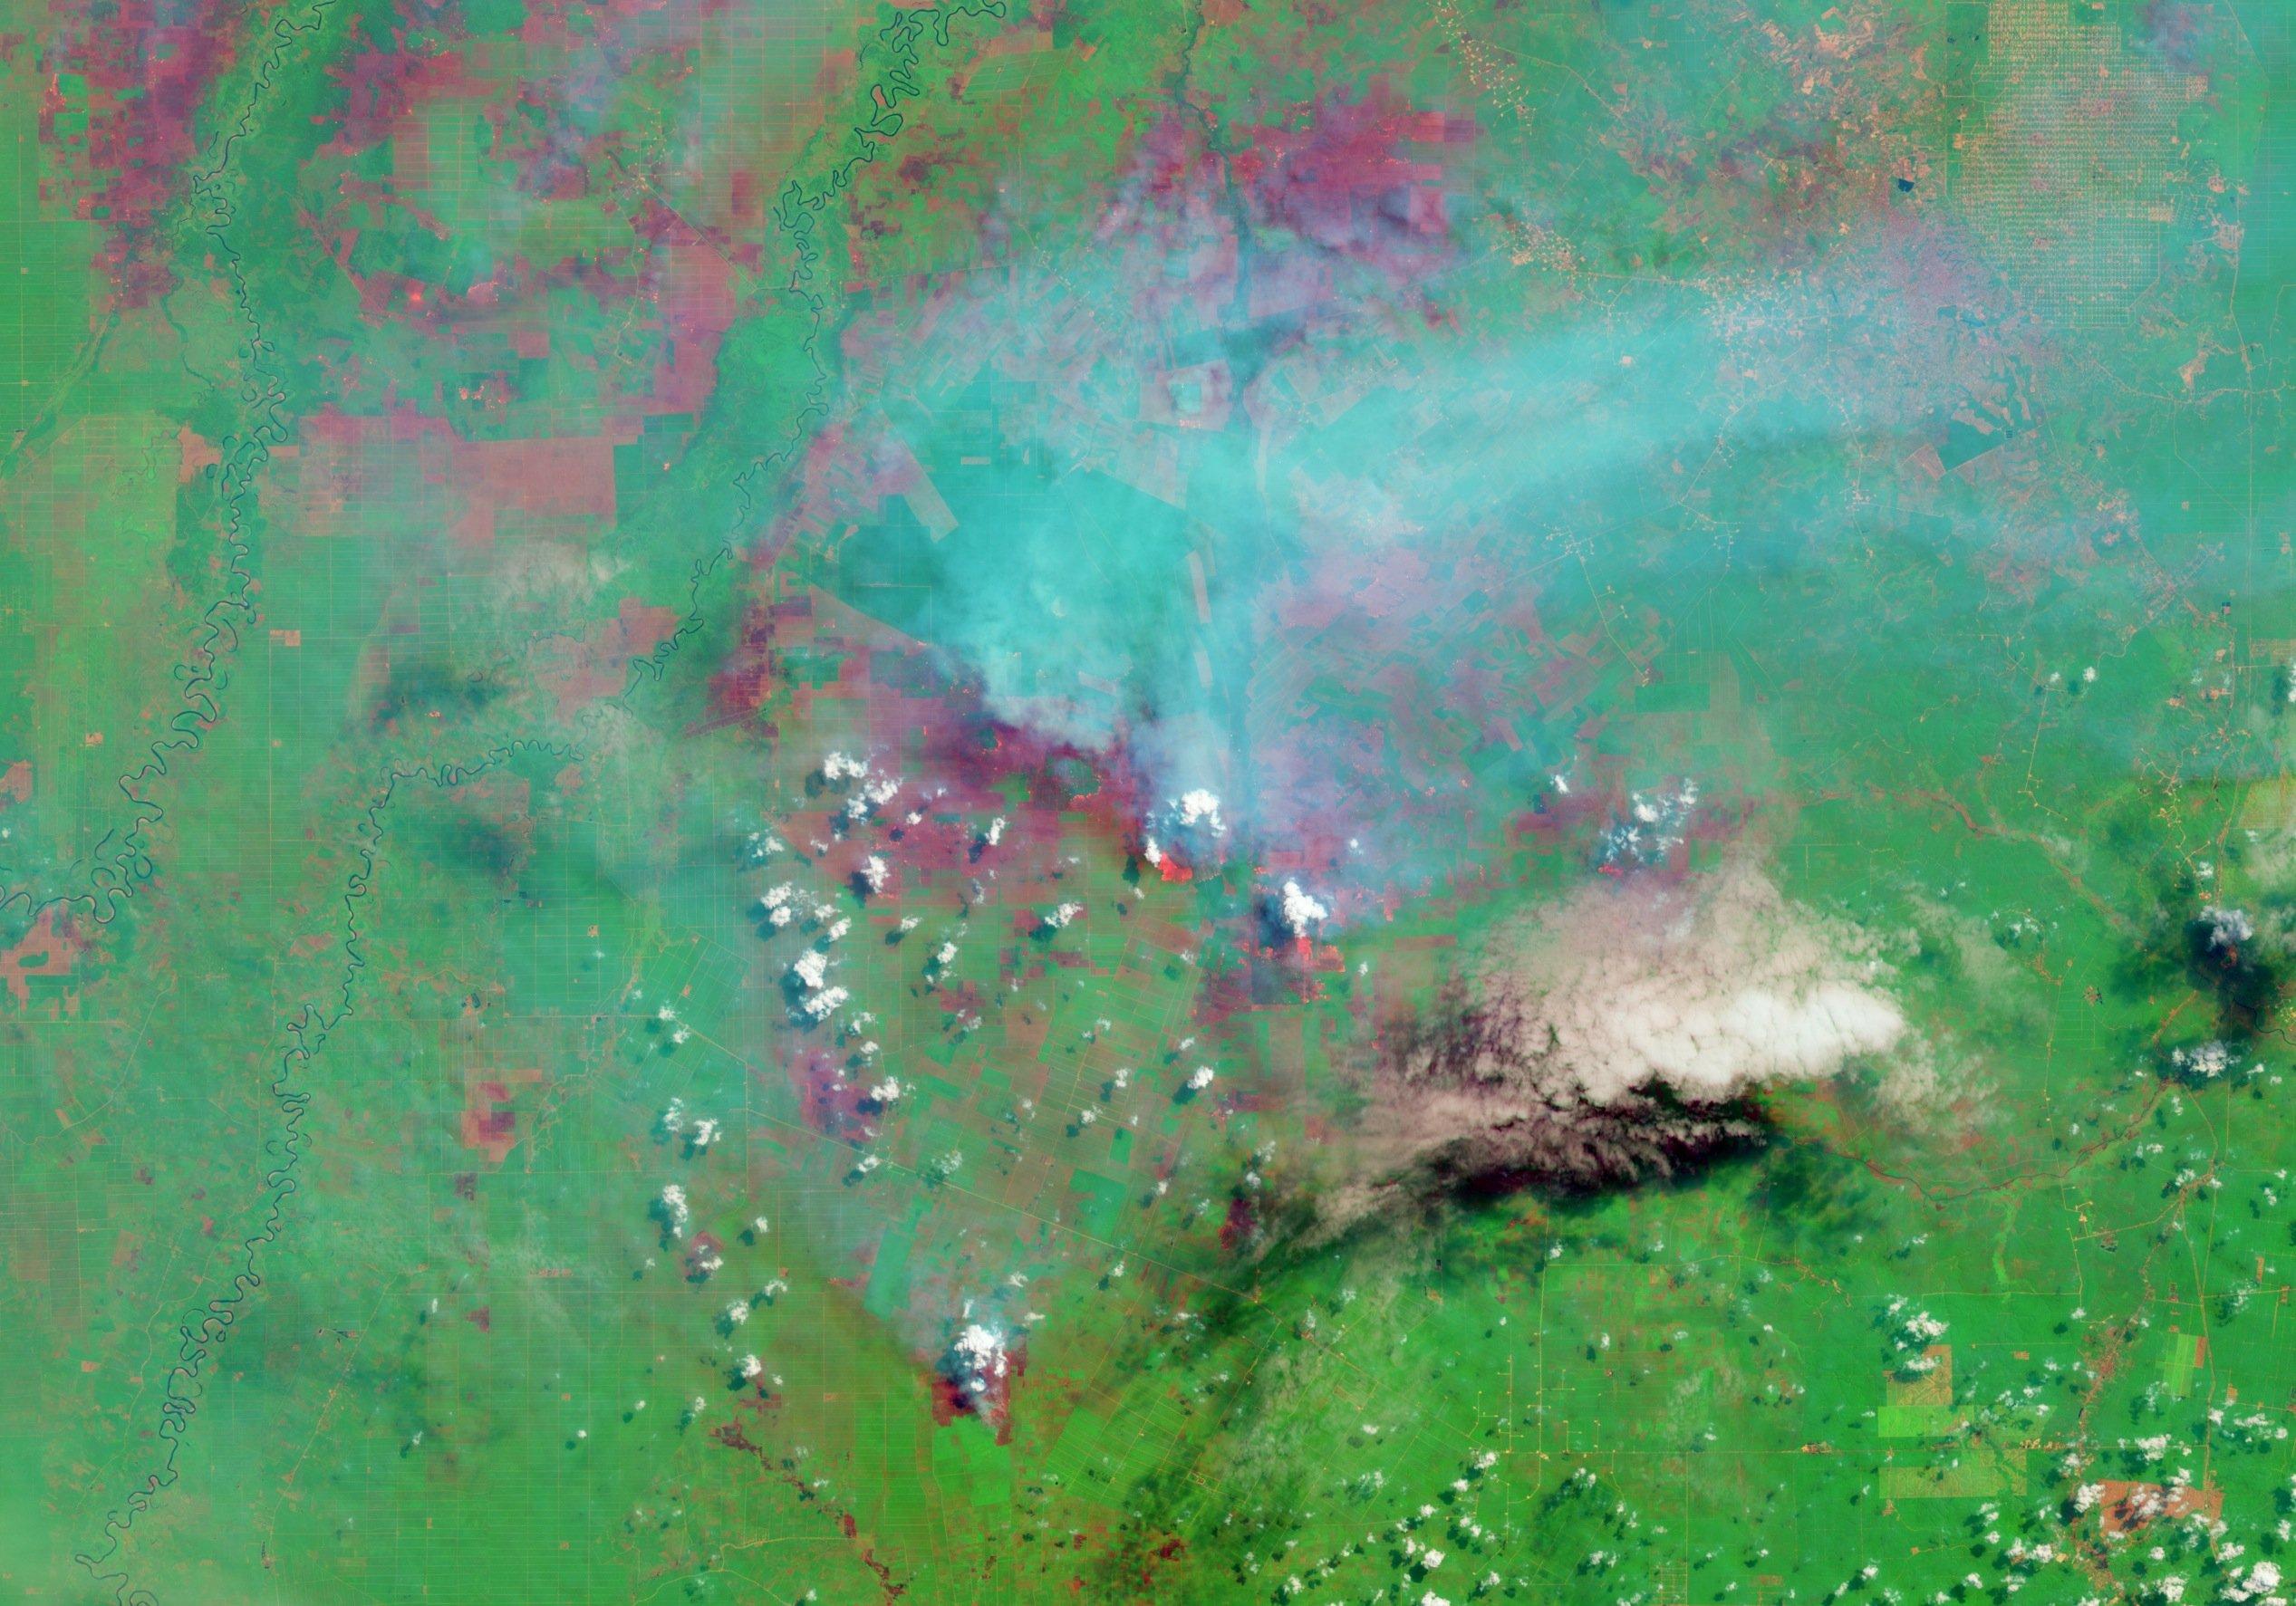 Satelittenaufnahmen können auch illegale Brandrodungen aufdecken. Im Bild deutlich zu sehen die Rauchwolken des brennenden Regenwaldes auf Sumatra in Indonesien.